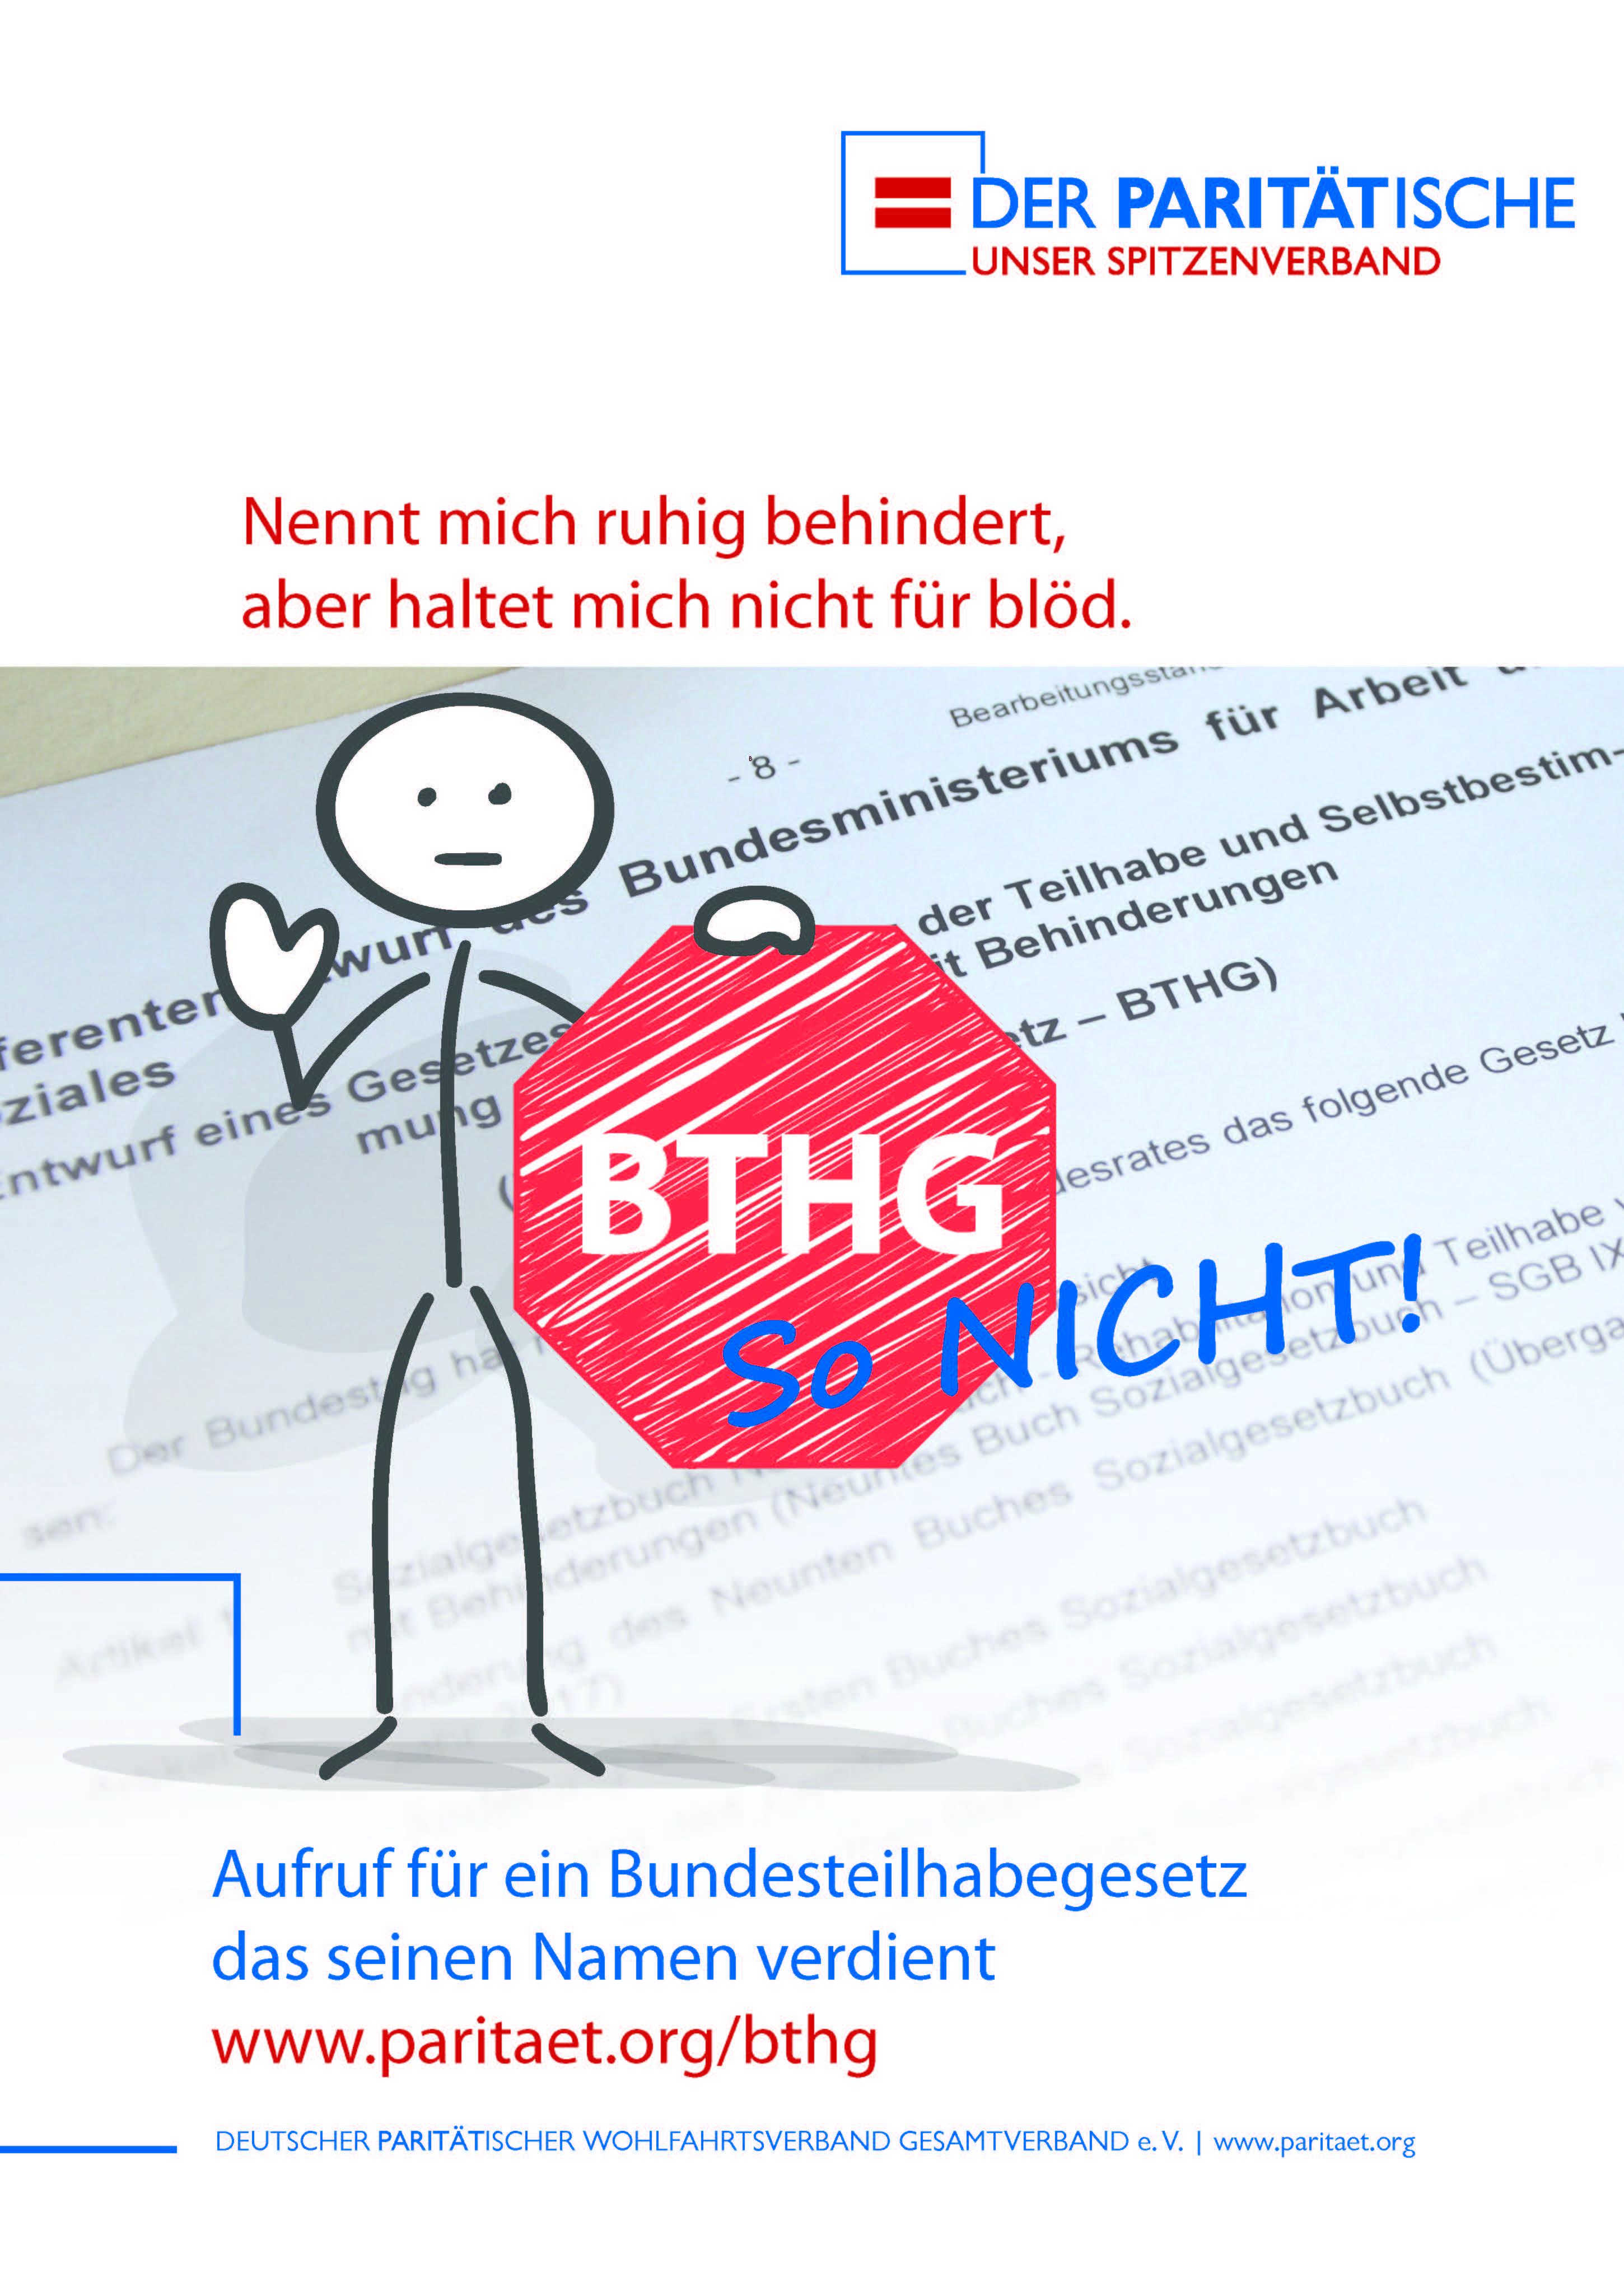 Bundesteilhabegesetz (BTG)